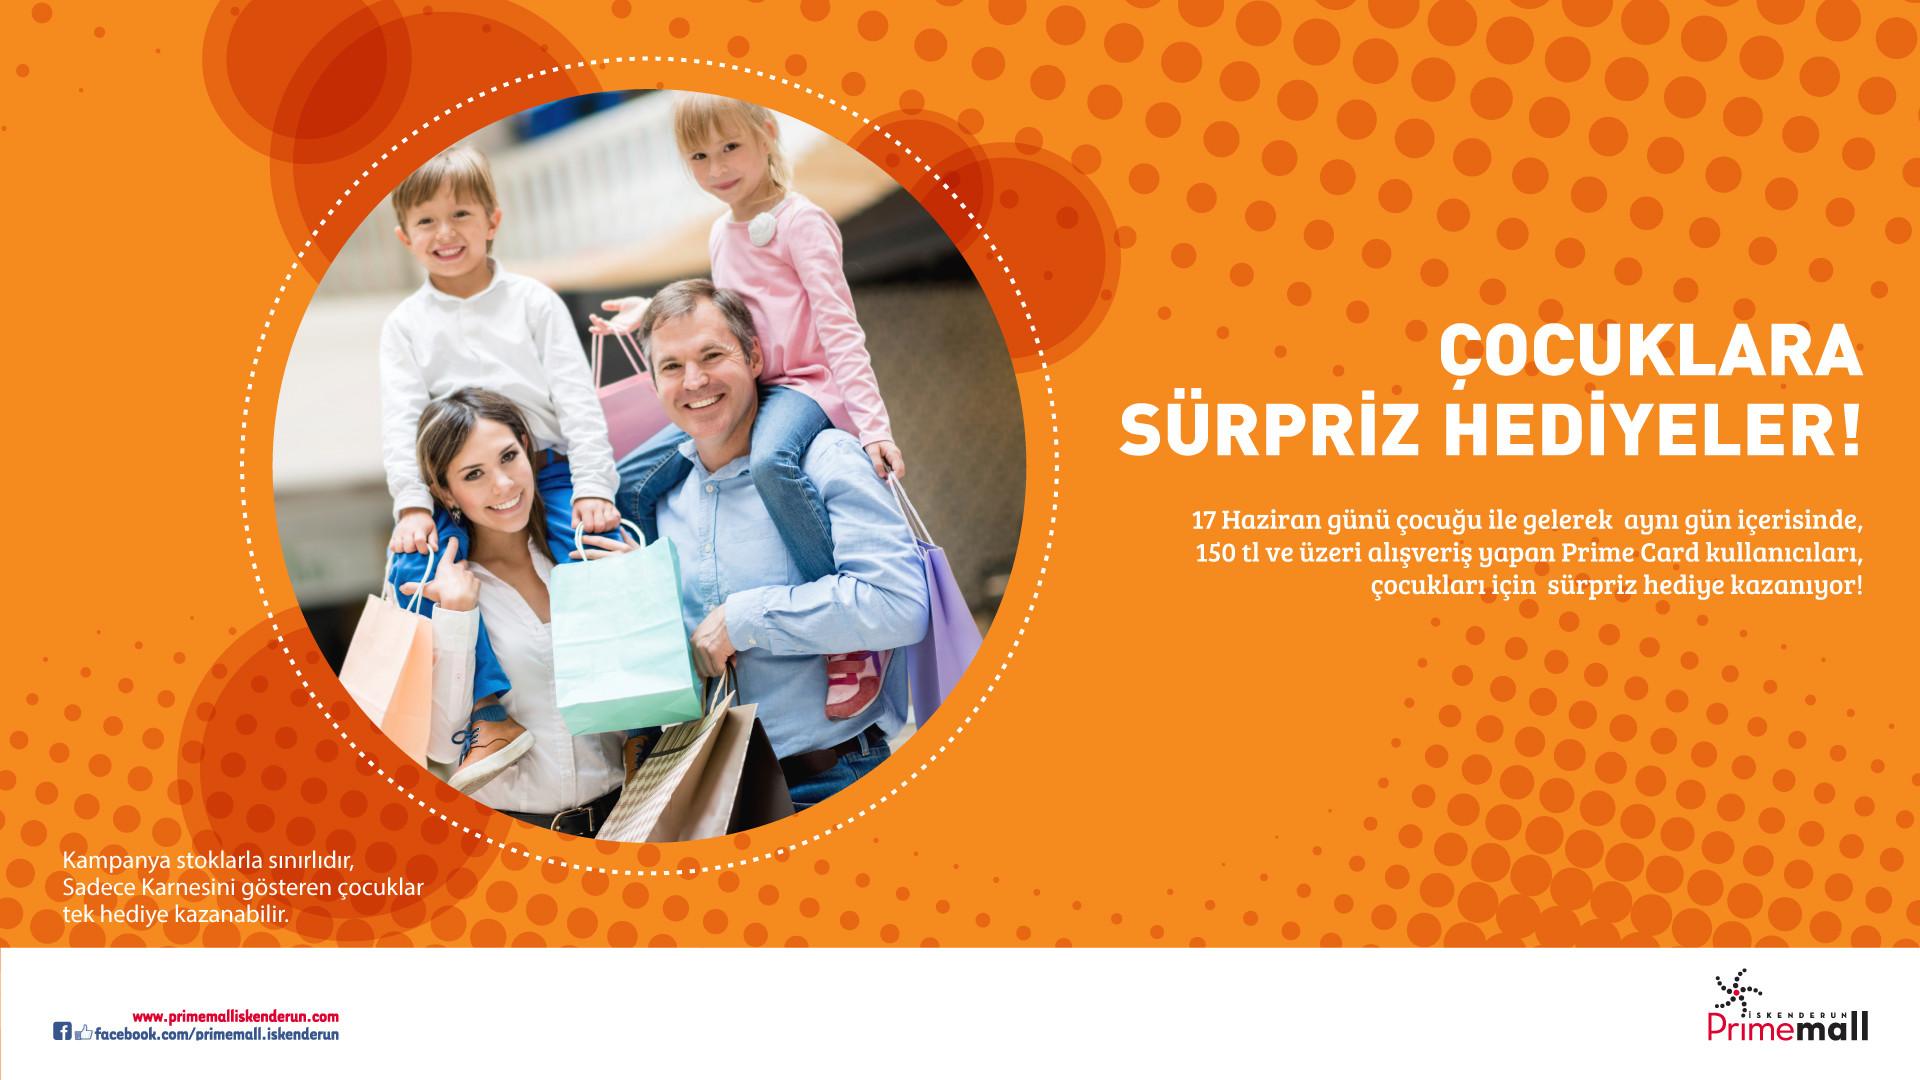 Çocuklara Sürpriz Hediyeler